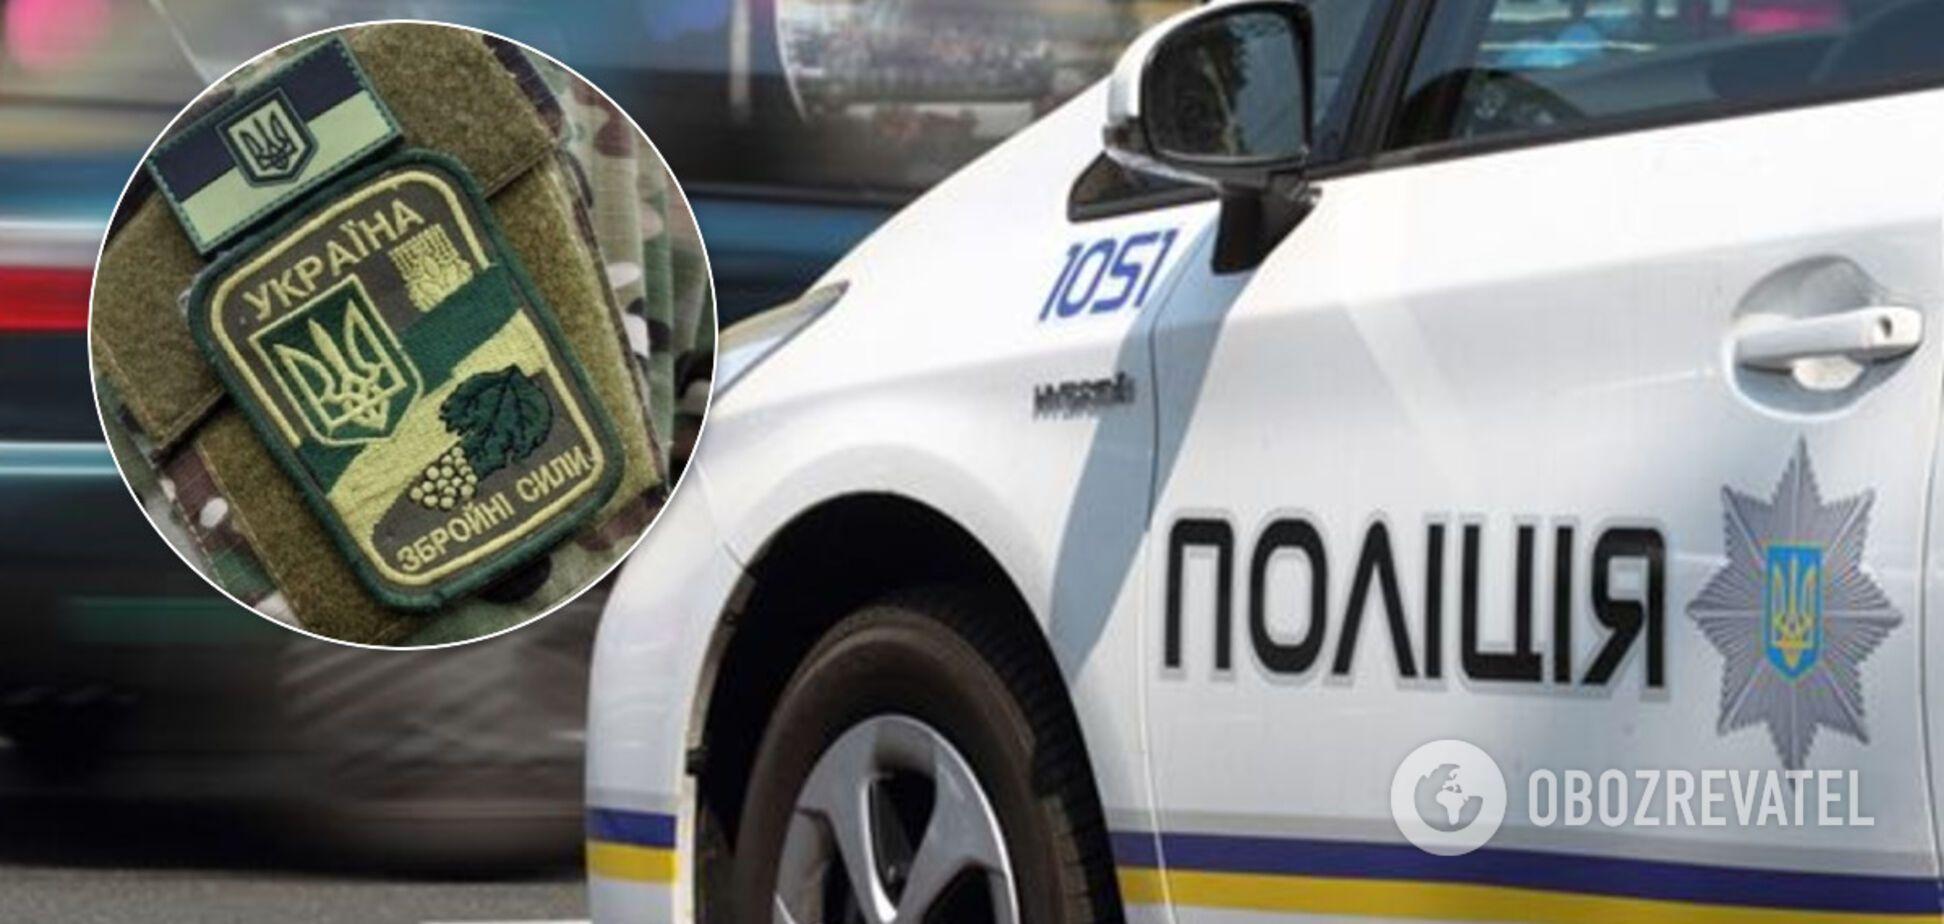 П'яні офіцери побили солдата і відібрали його авто у військовій частині під Одесою